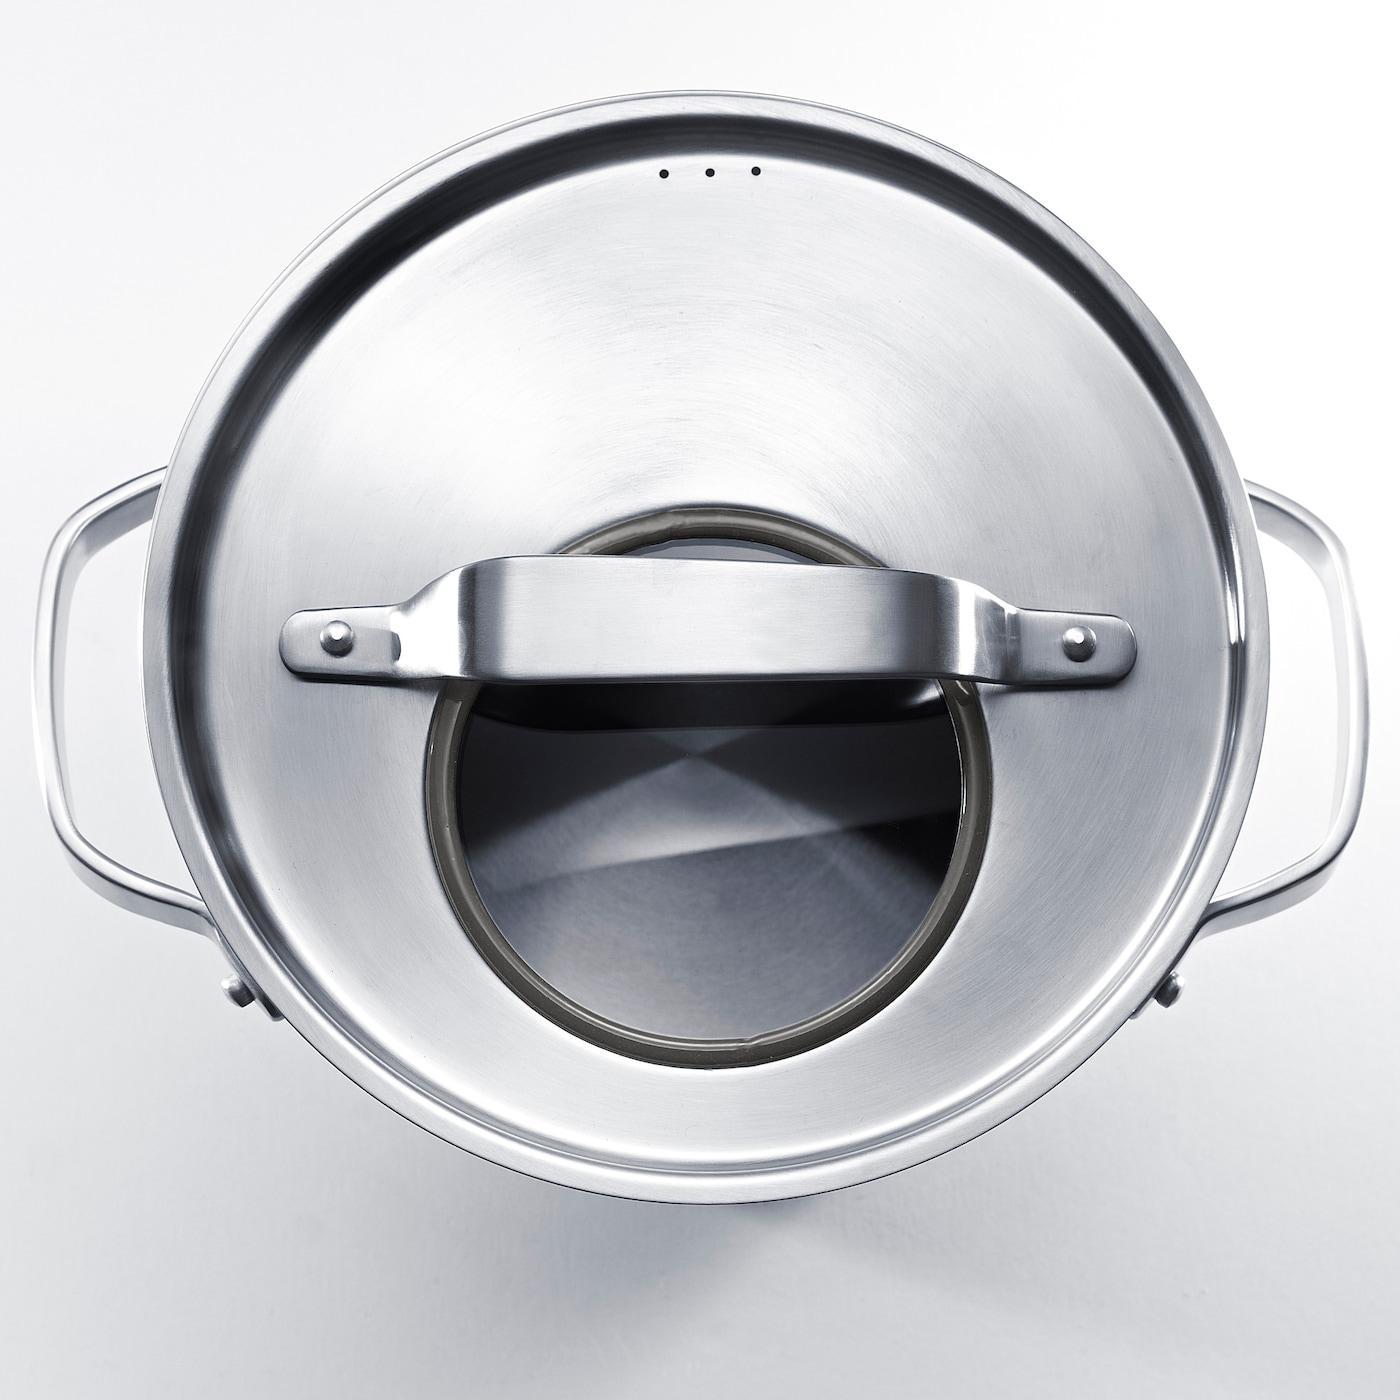 SENSUELL 센수엘 냄비+뚜껑, 스테인리스/그레이, 4 l